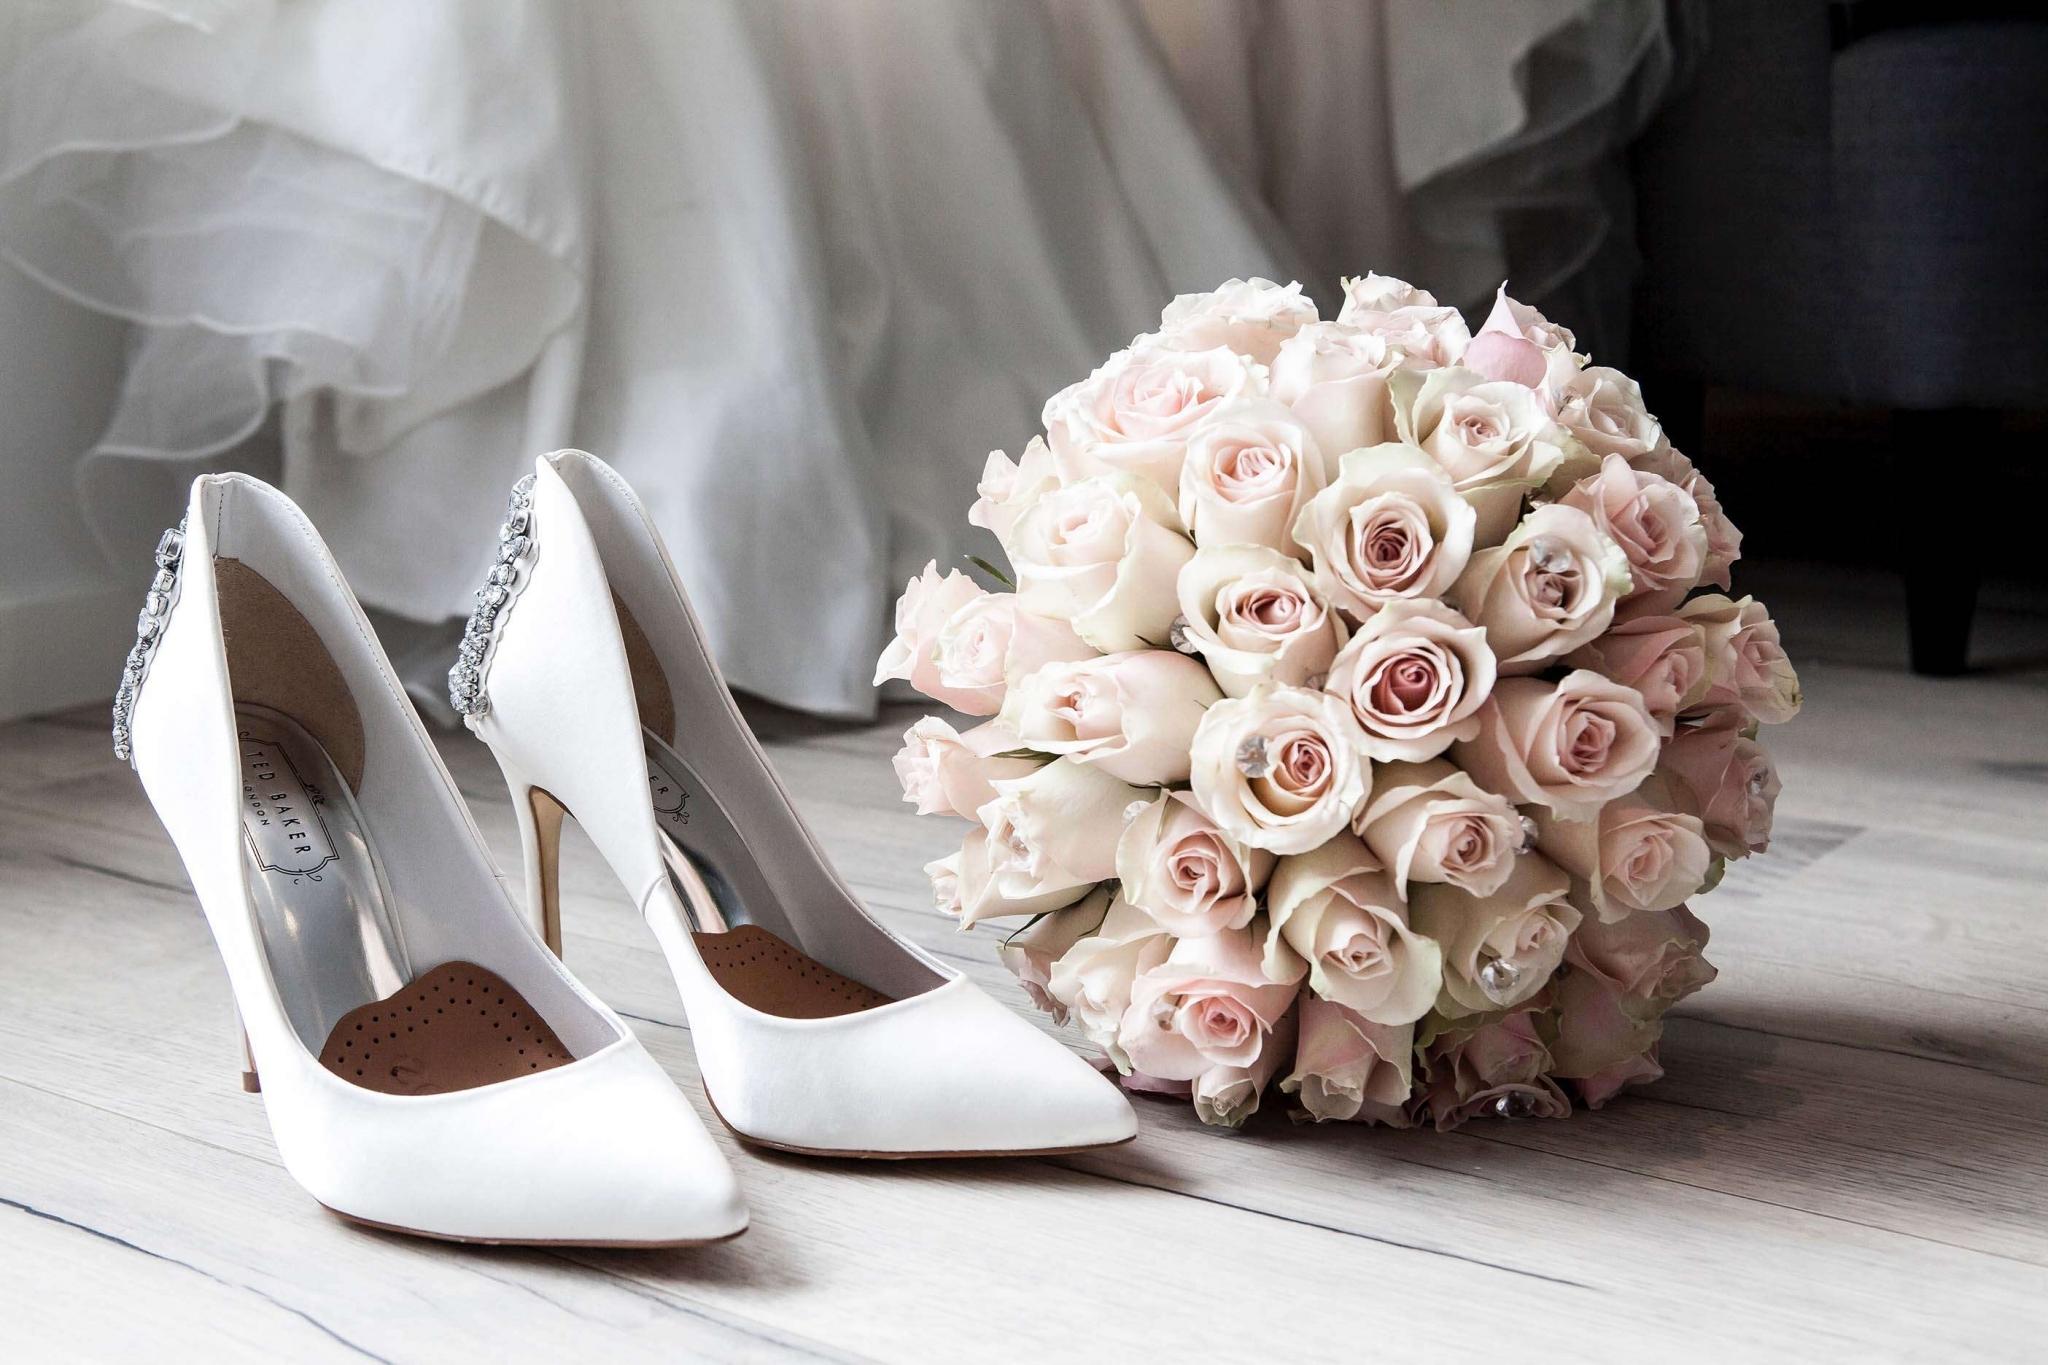 Das schönste Kleid zur Hochzeit - Farbberatung - Stilberatung Hannover Farbe